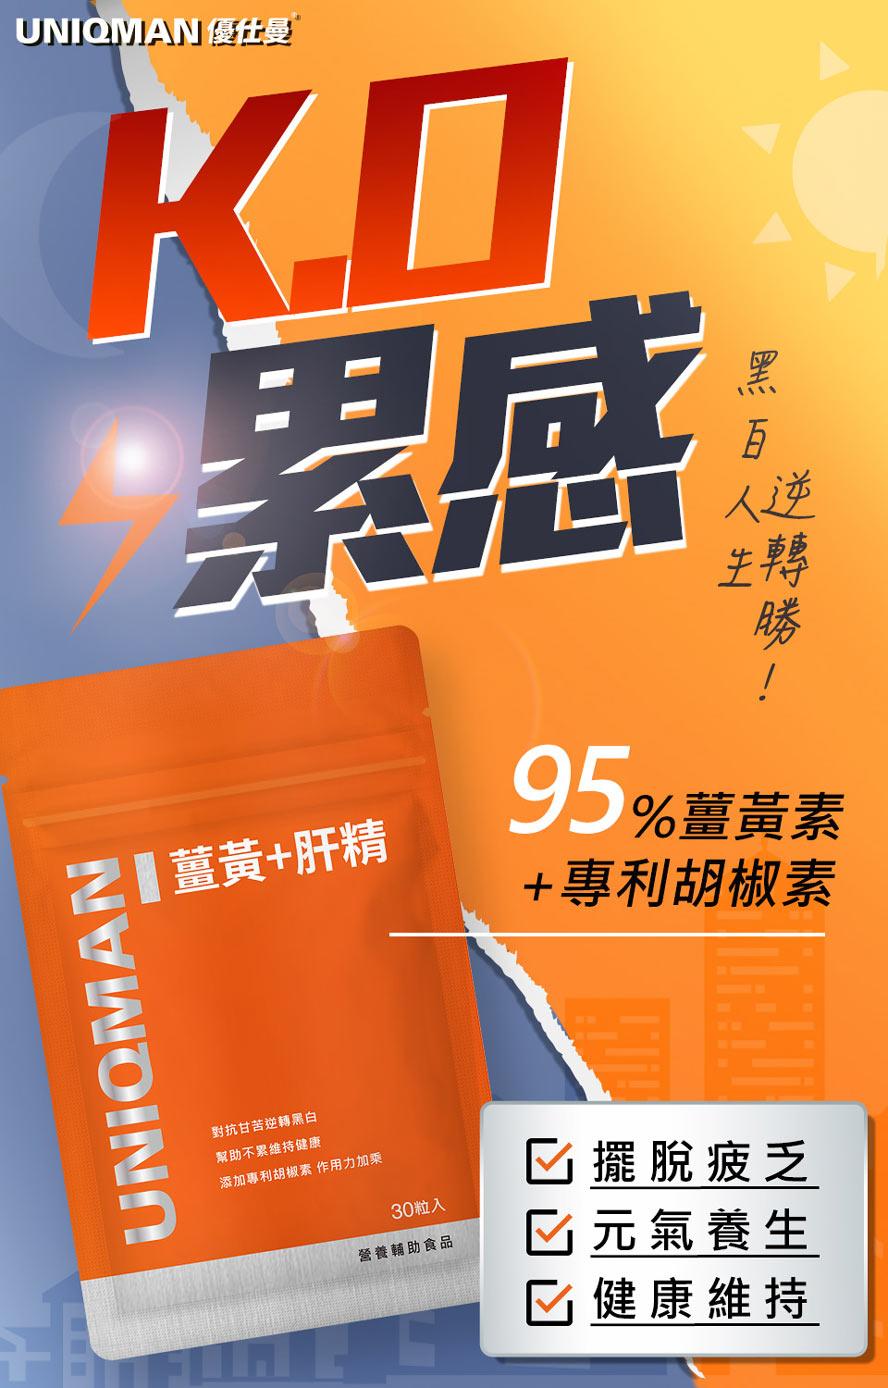 食用Uniqman薑黃肝精可以讓肝臟健康,上班族一定要補充